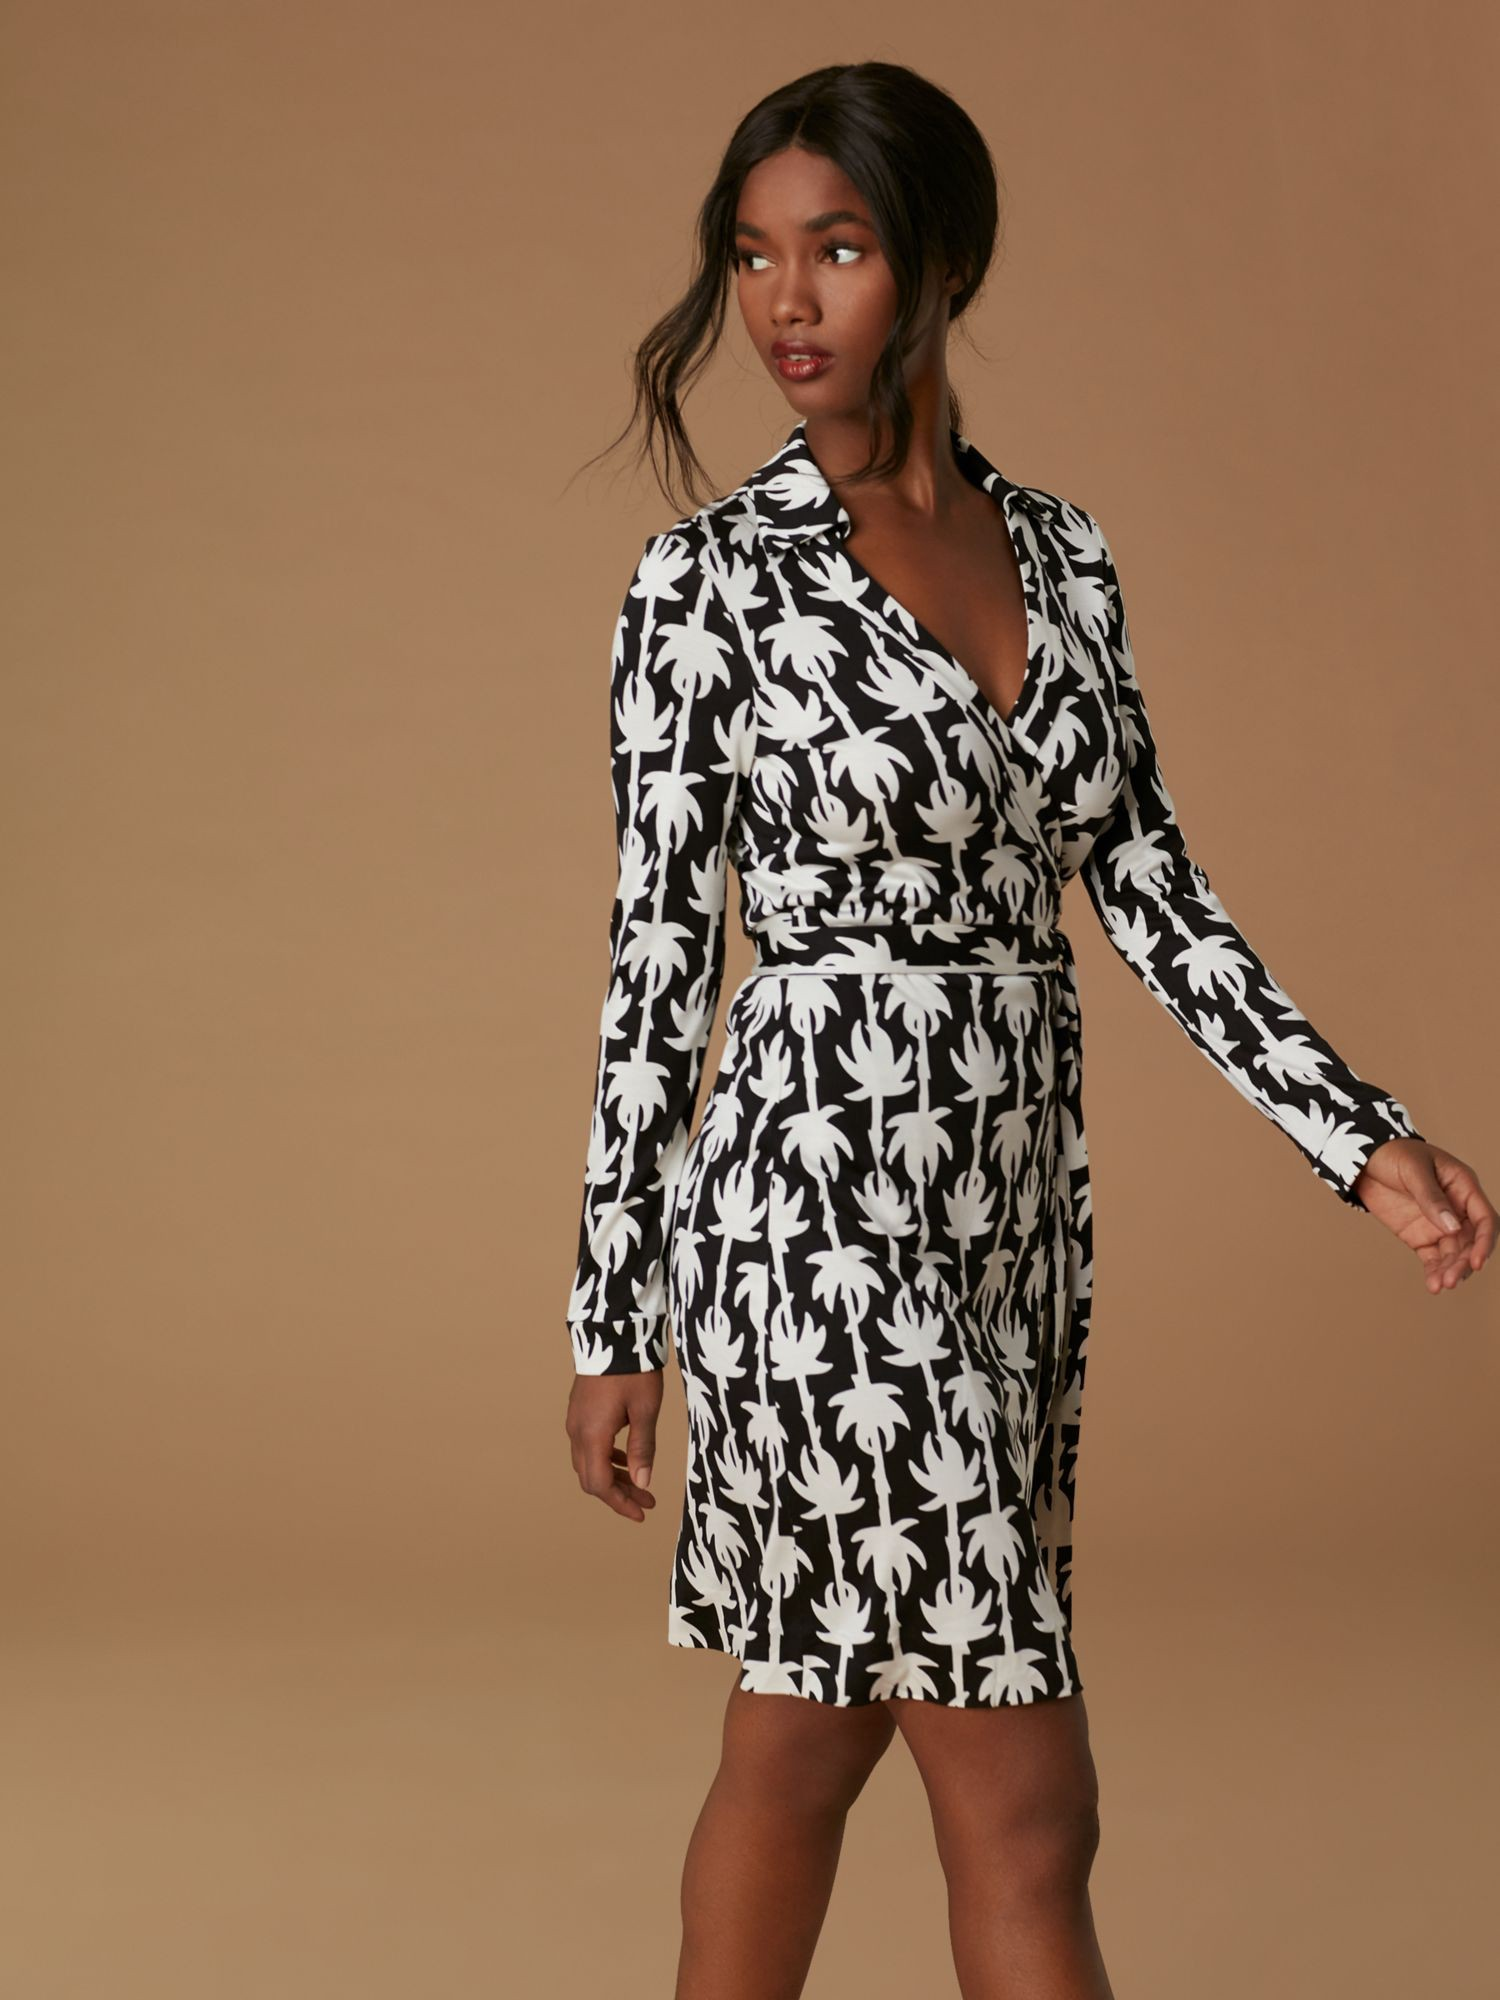 5d74fa89063dd Diane Von Furstenberg Dvf New Jeanne Two Silk Jersey Wrap Dress - Chainlink  Medium Sienna 12